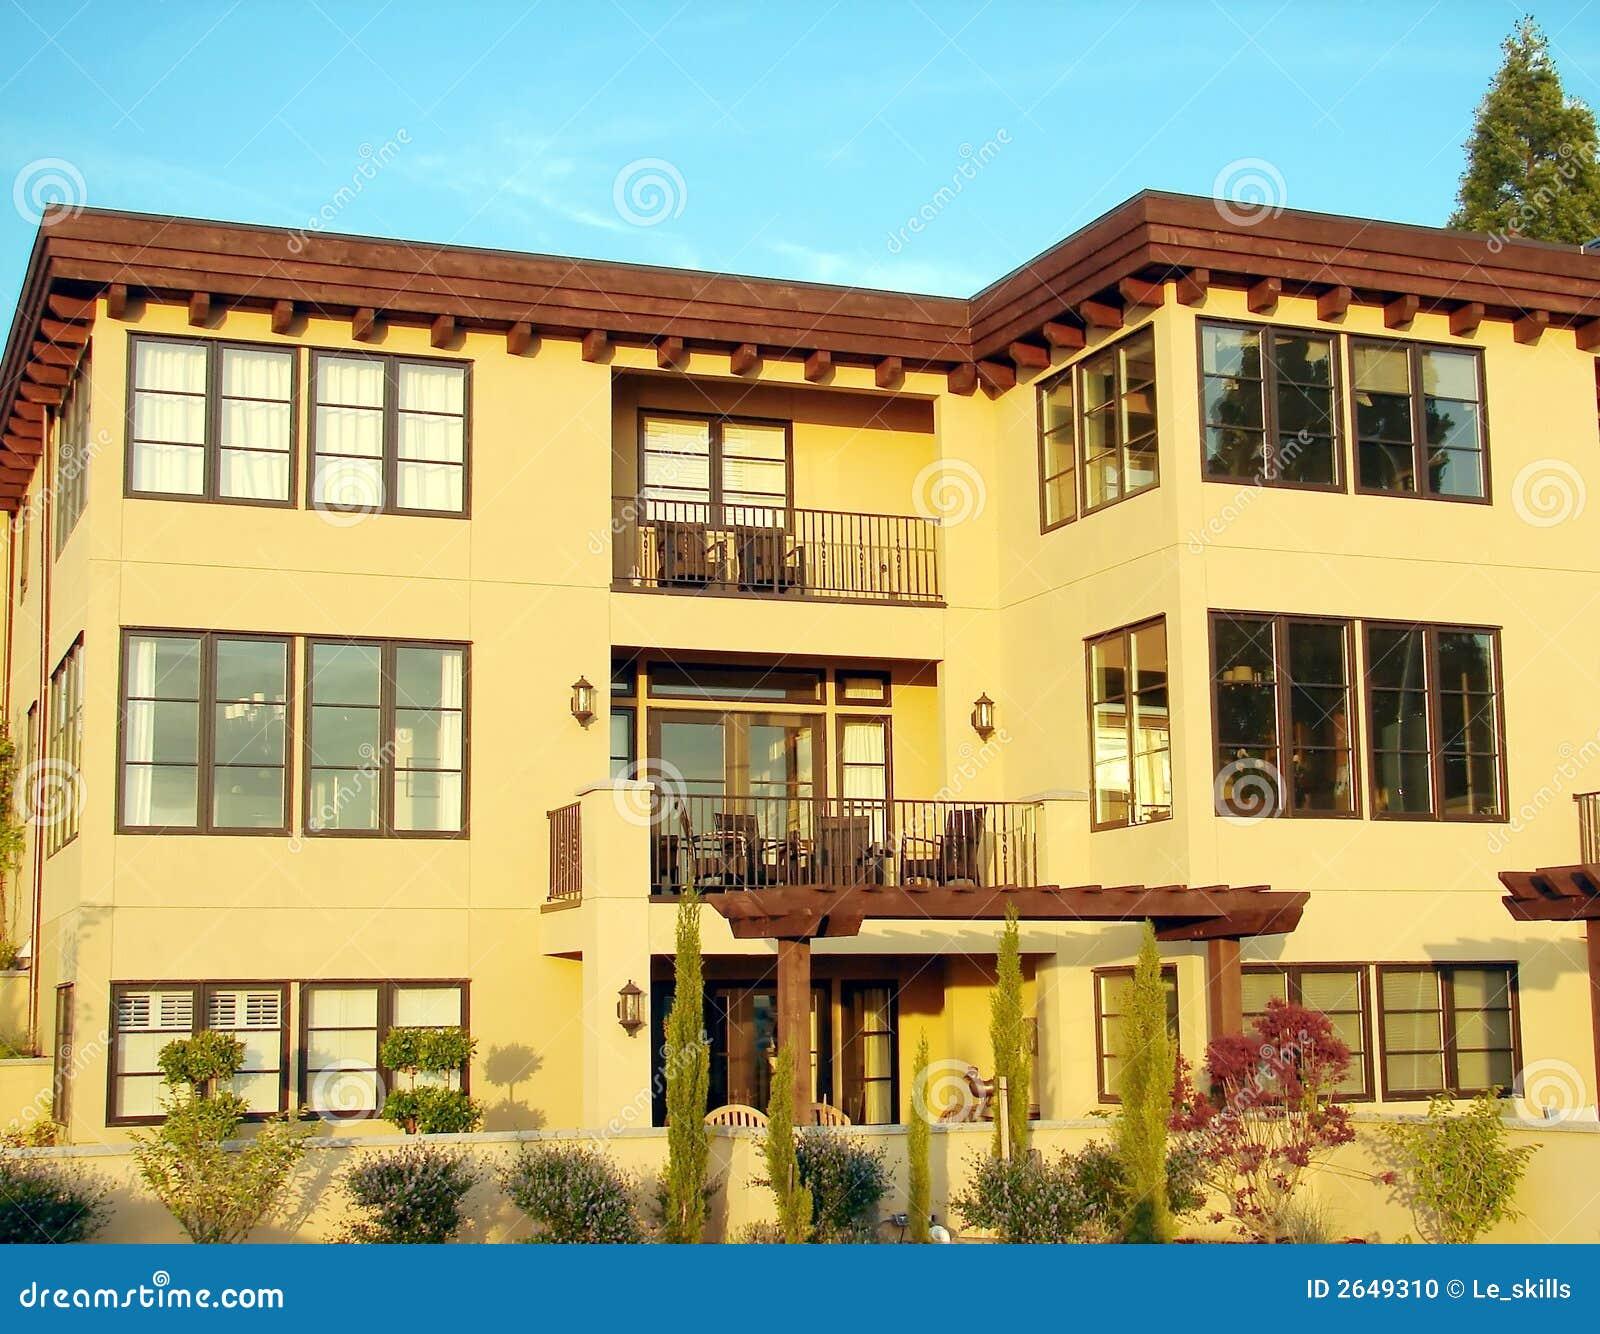 Condo Apartment: Condominium/Apartment Complex Stock Photo